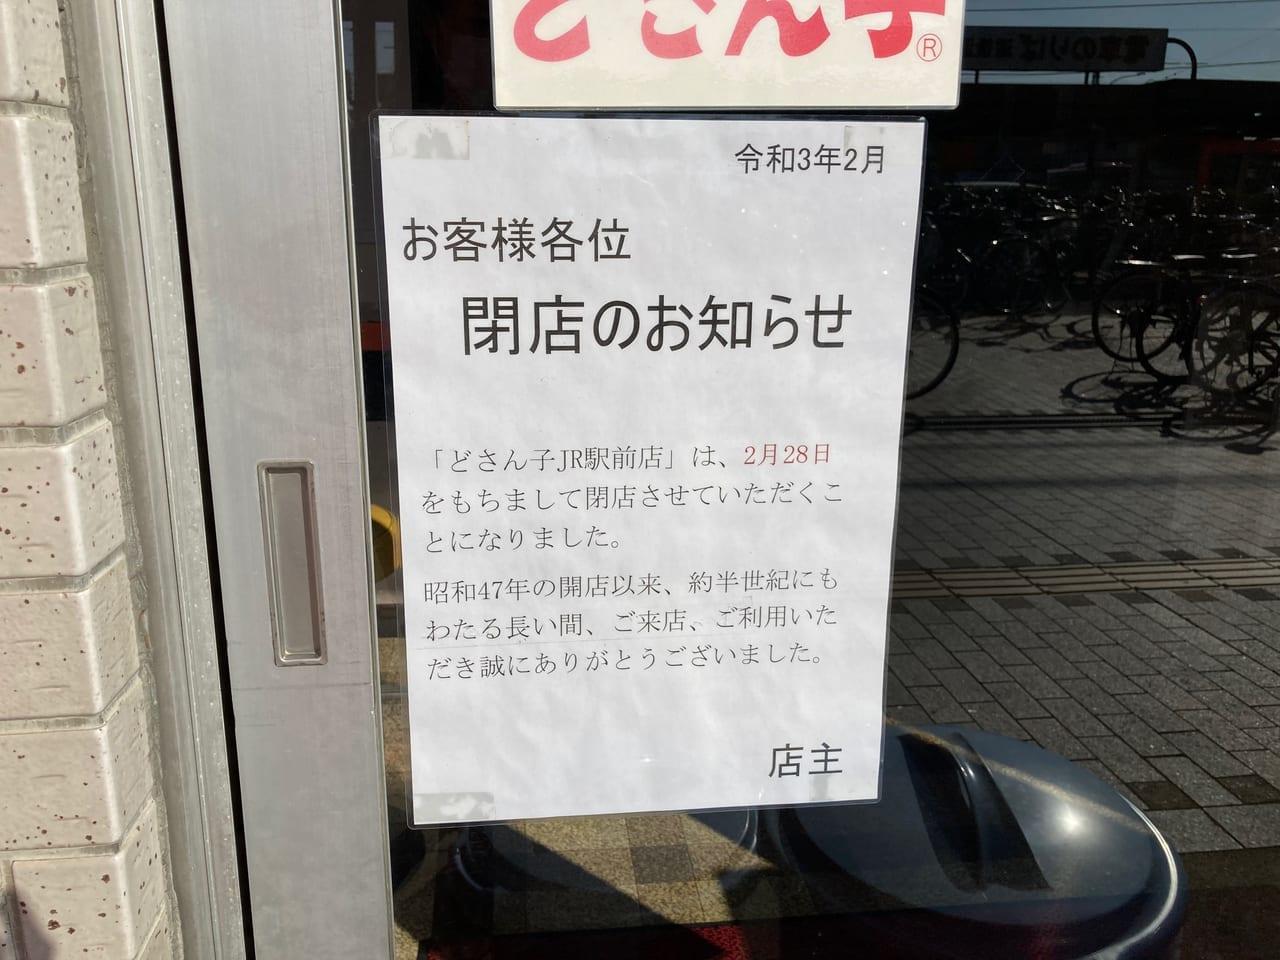 どさん子JR駅前店